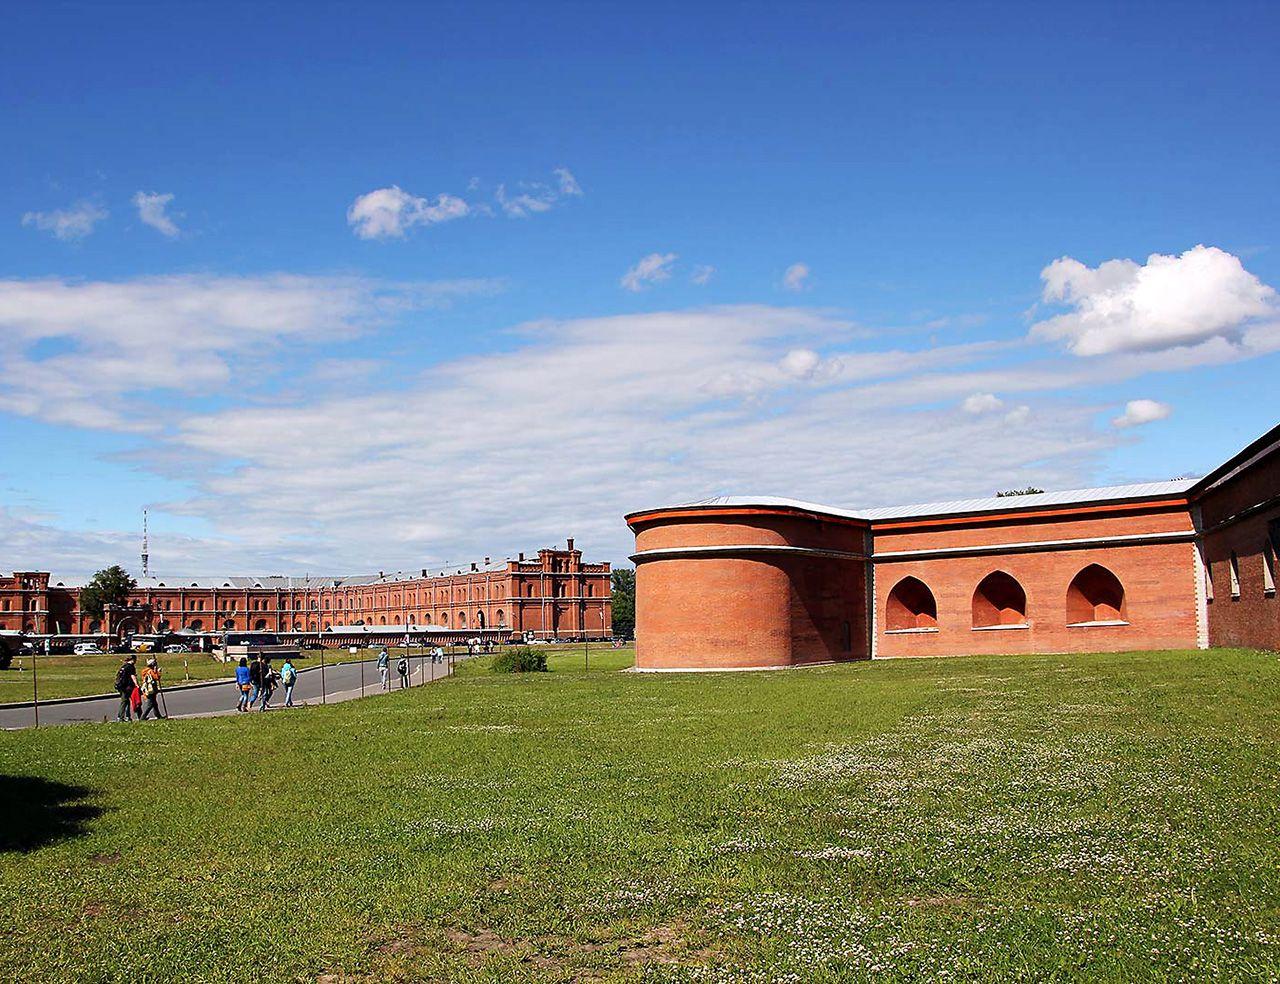 Peter-und-Paul-Festung in St. Petersburg. Bild: AZ/Architekturzeitung